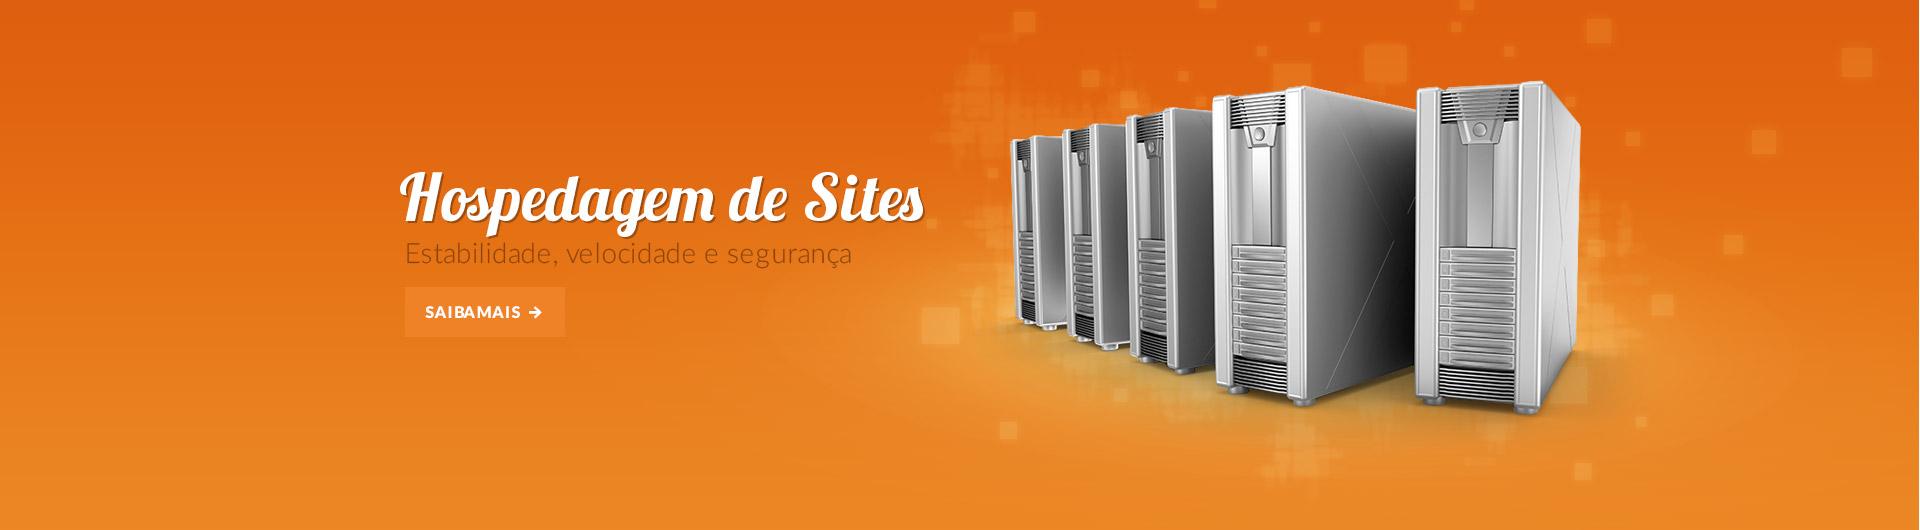 hospedagem-sites1